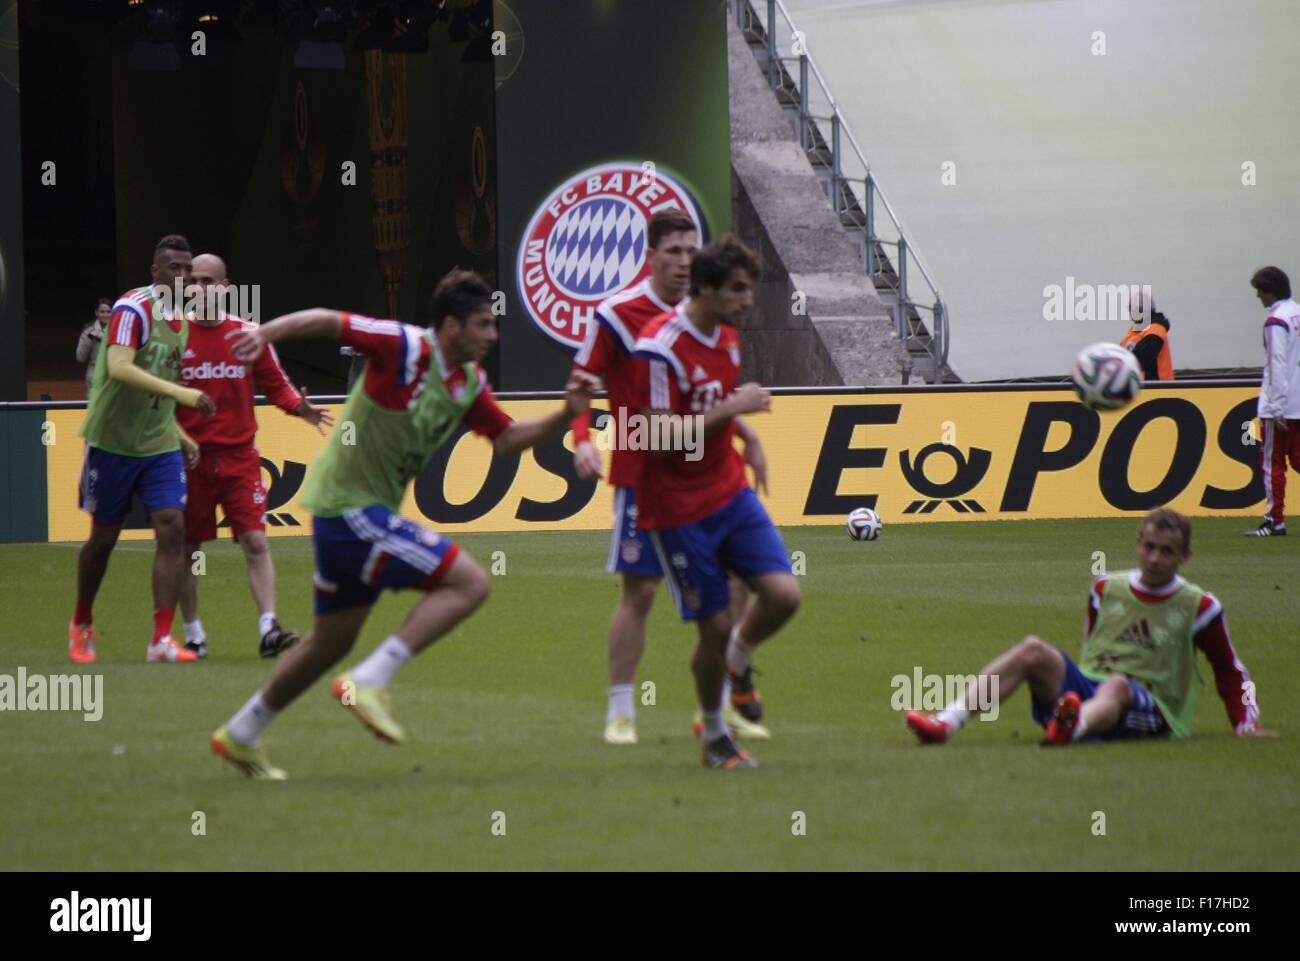 Impressionen - Formación des FC Bayern München vor dem anstehenden Finale um den DFB-Pokal zwischen Borussia Dortmund und dem FC Foto de stock